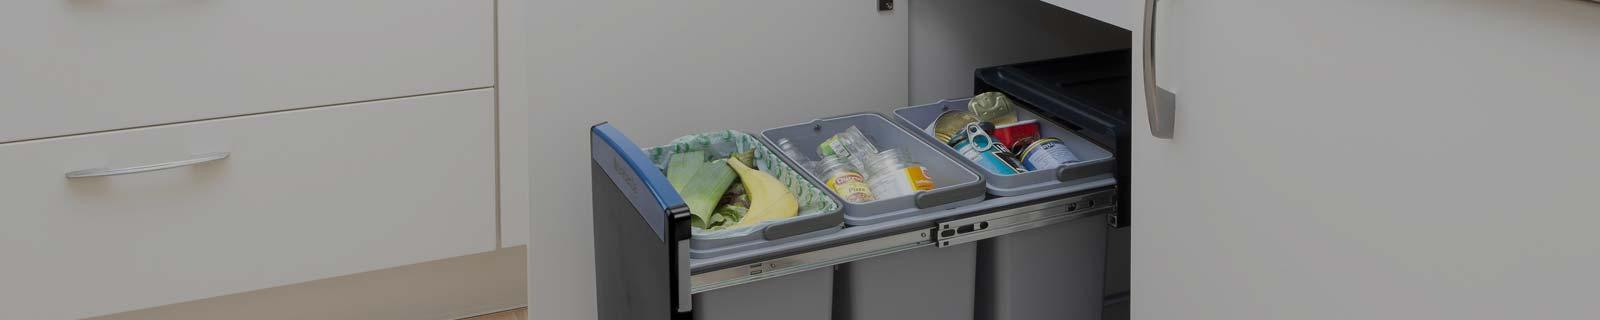 Vaak Inbouw prullenbak voor uw keukenkast - Bekijk inbouw afvalbakken OB49